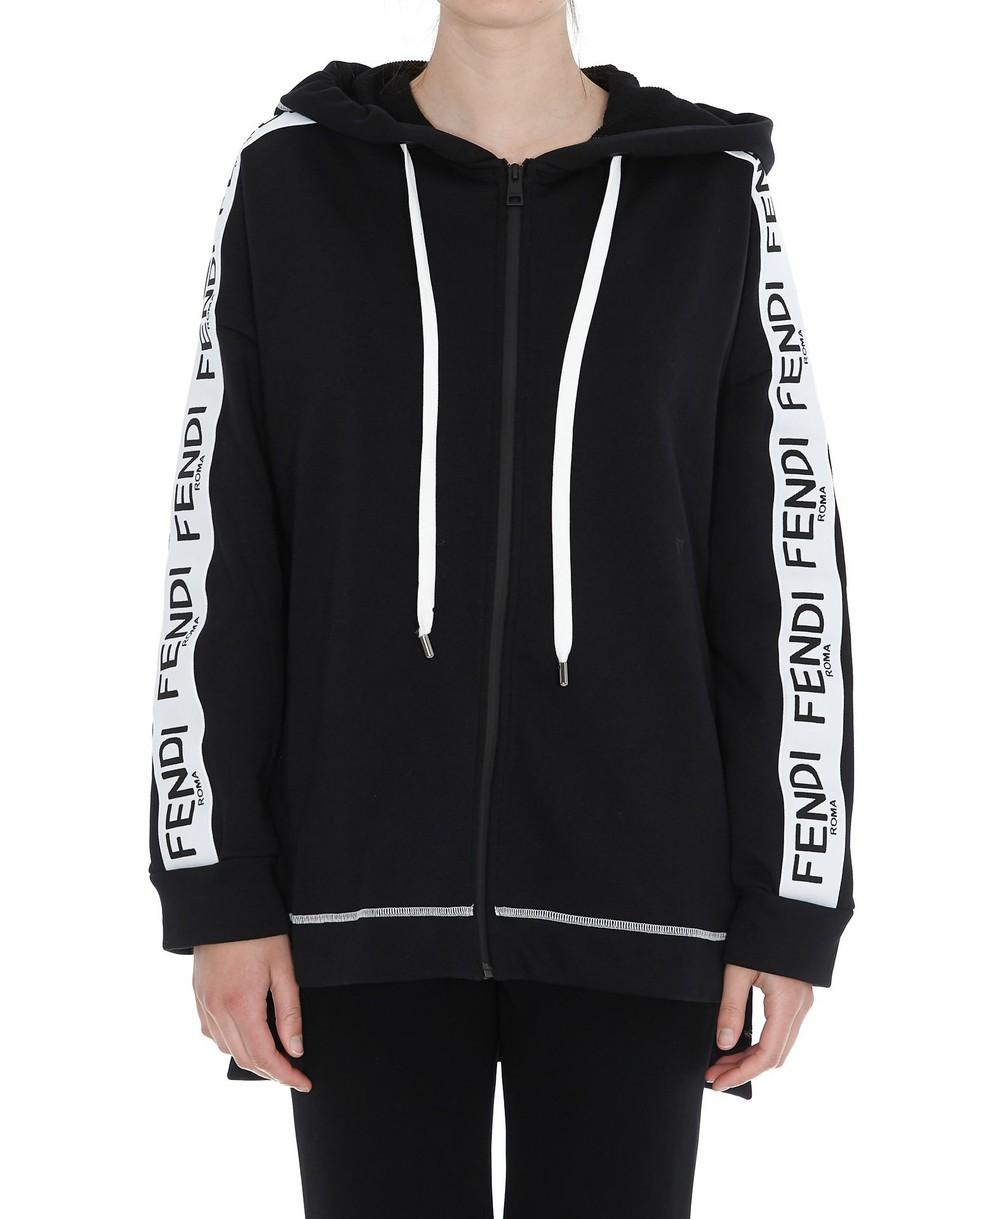 Fendi Fendi Logo Zipped Hoodie in black